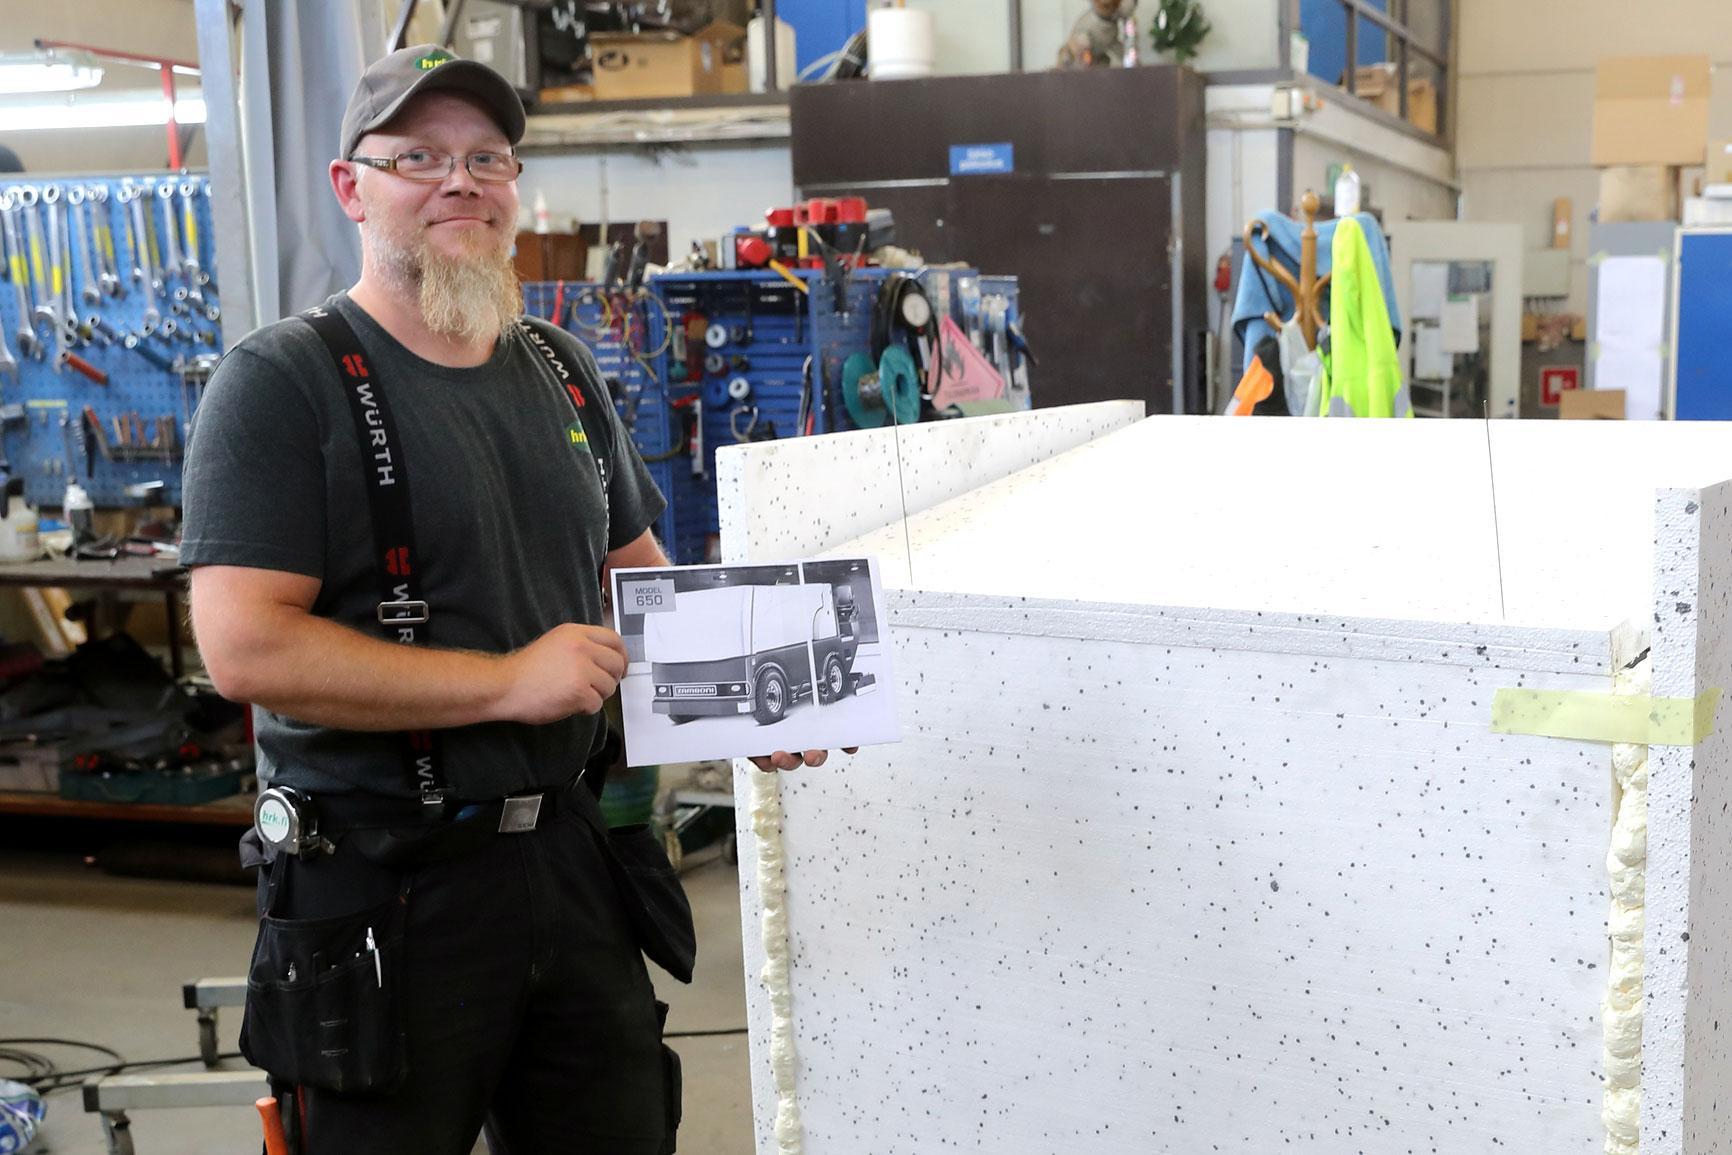 Tällainen siitä tulee valmiina, kertoo legendaarisen jäänhoitokone Zambonin kuvaa esittelevä Petri Rämänen. Mörkö Zambonin pinta on pääosin styroksia, jonka päälle asennetaan kalvot.